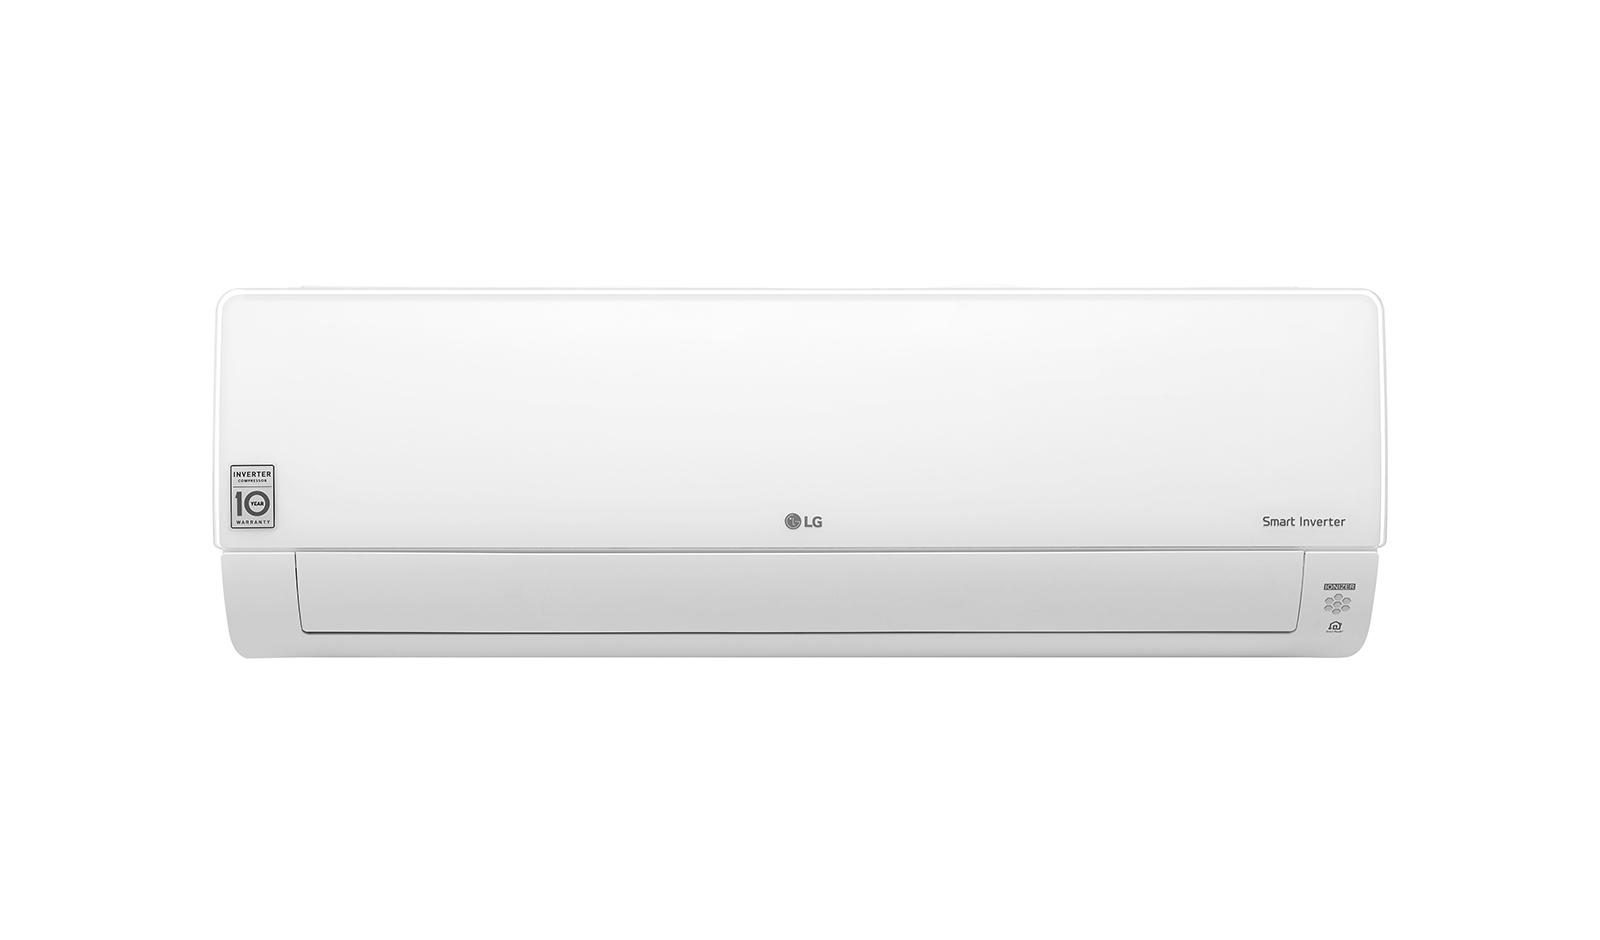 LG Deluxe Klimaanlage 001